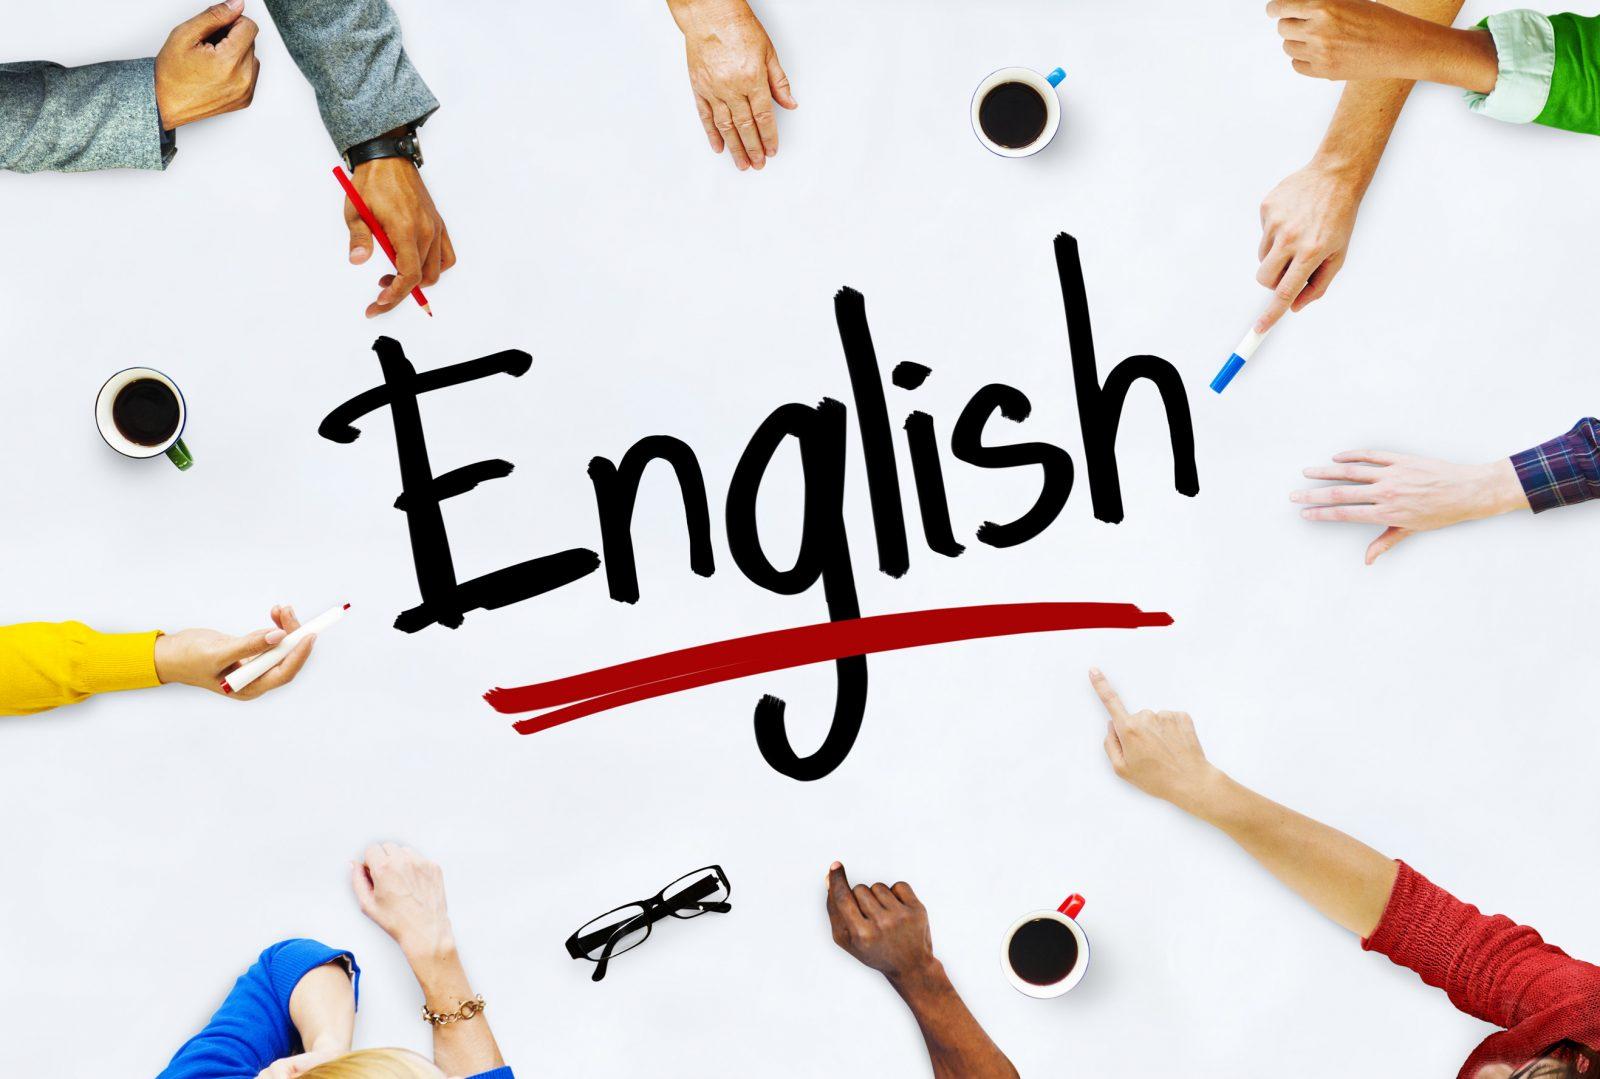 Технический английский. Что, как и где?